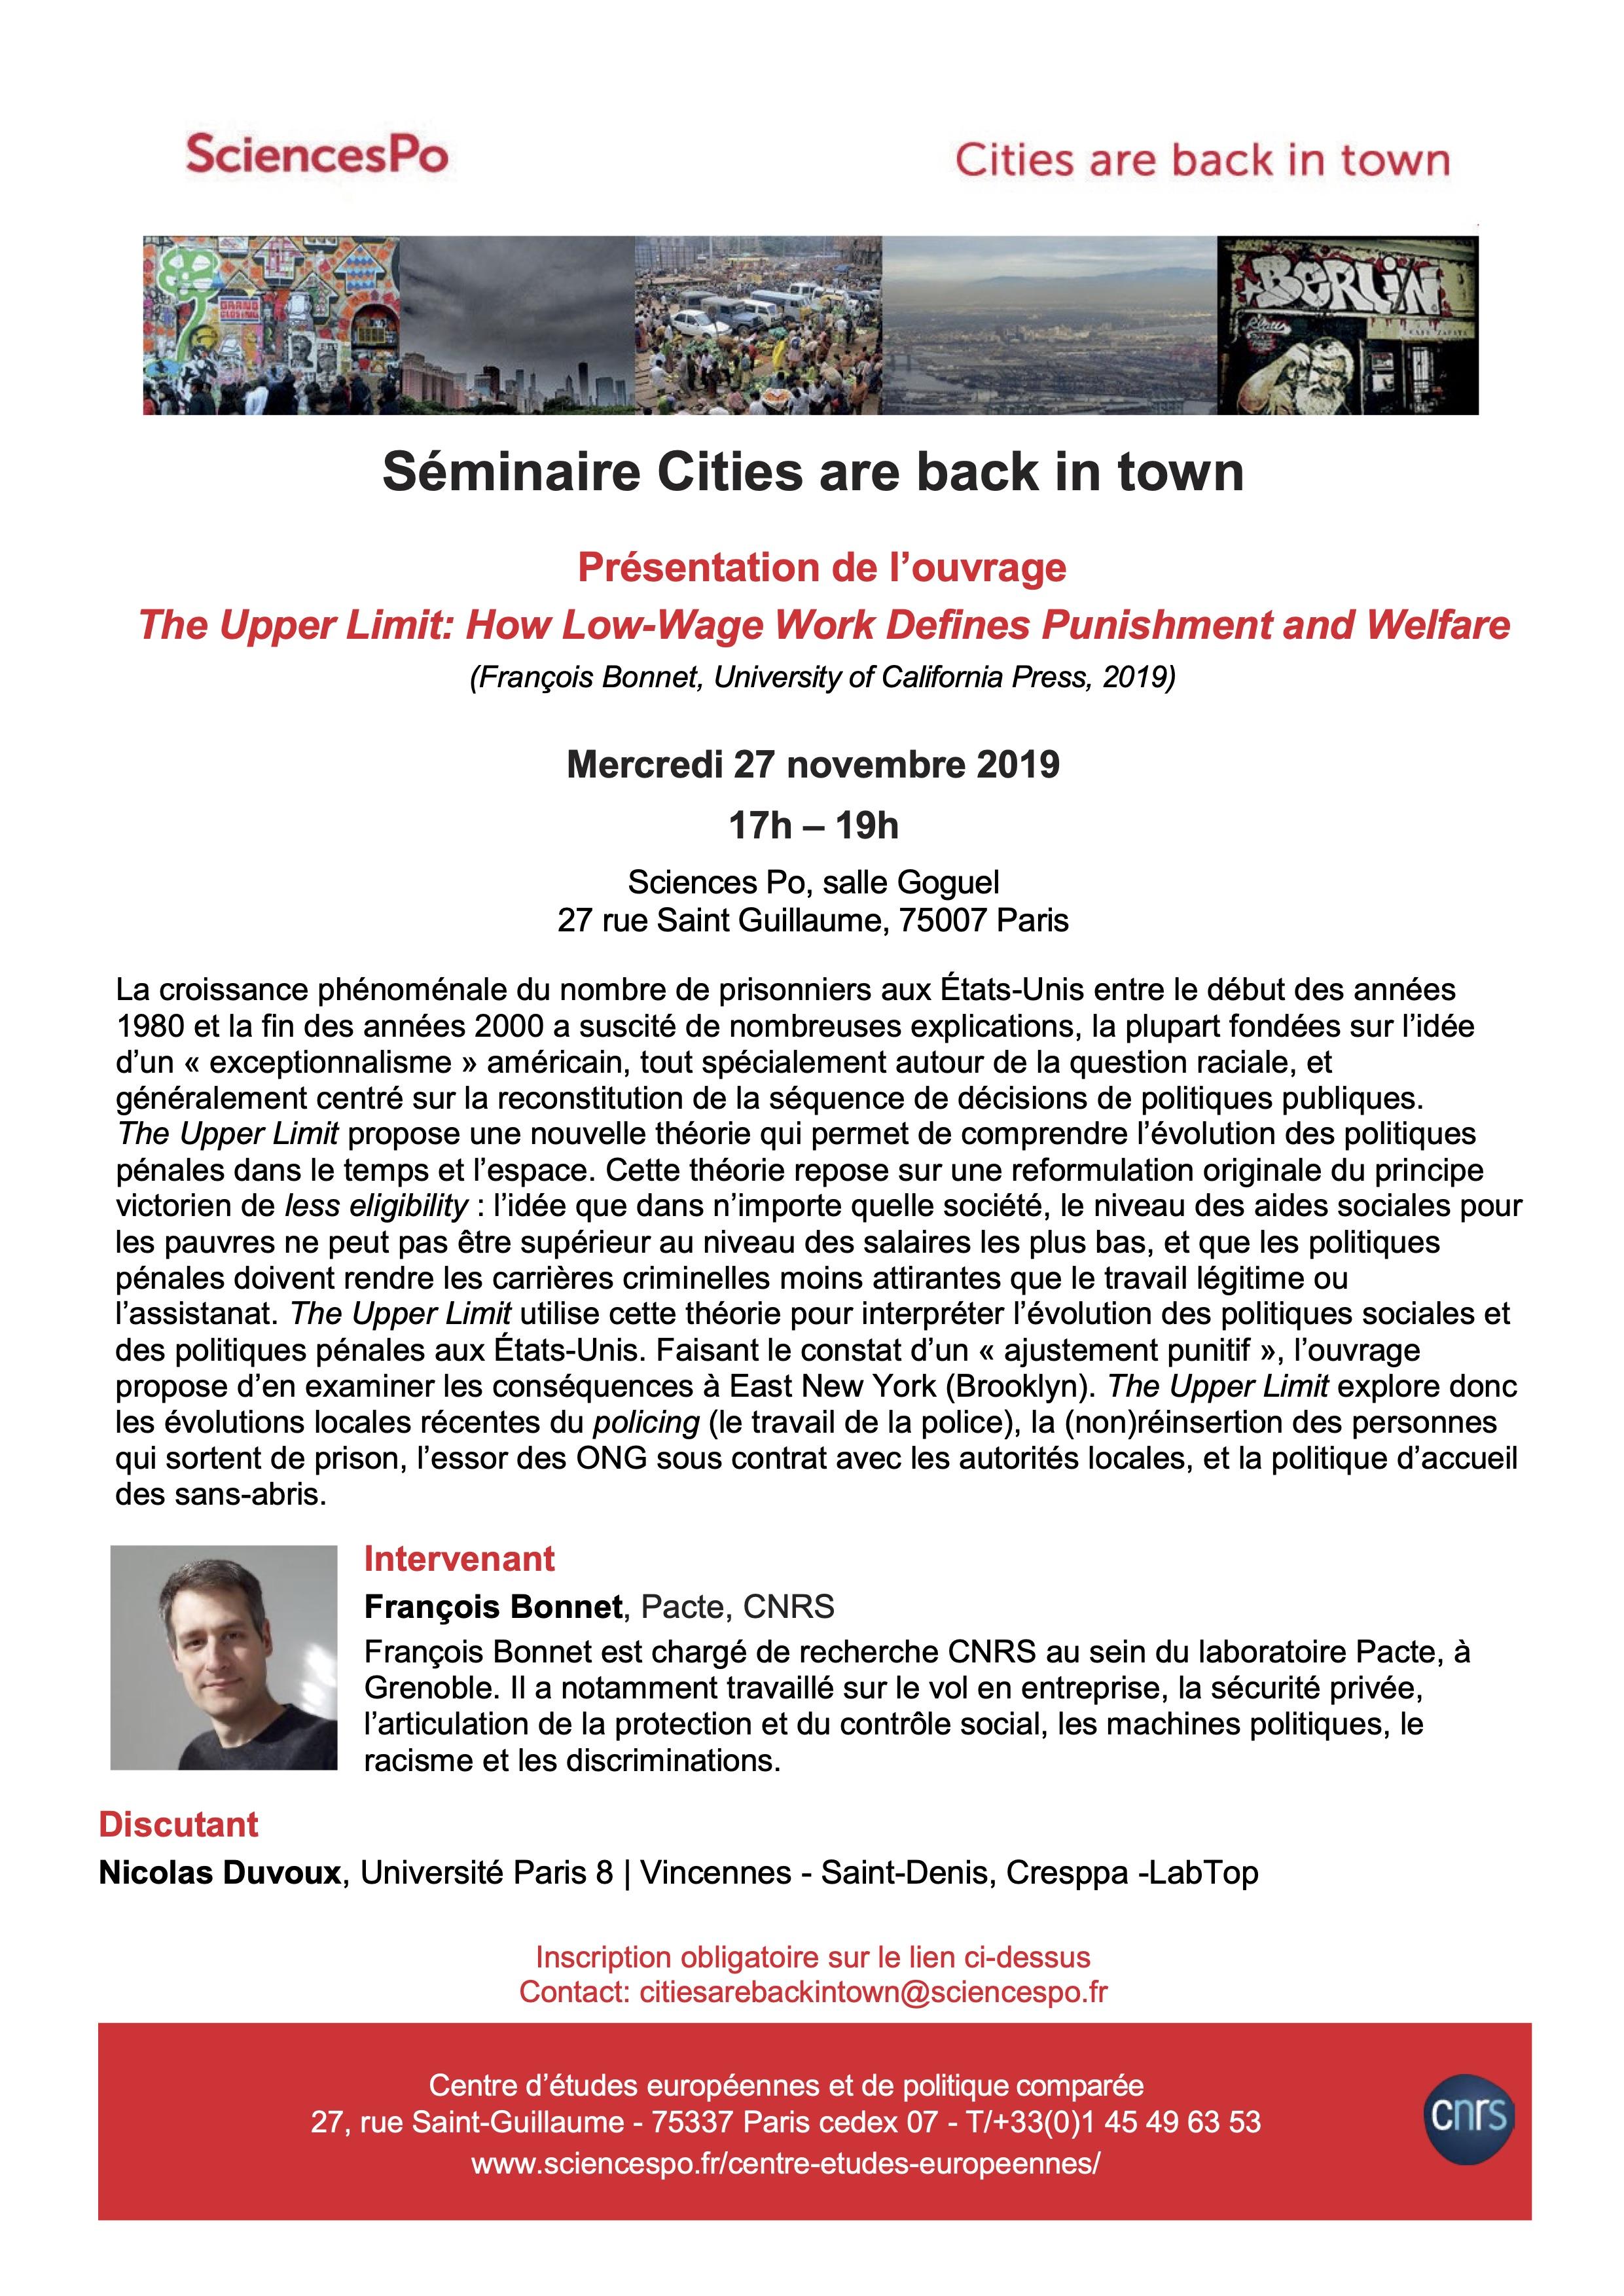 [Séminaire Cities are Back in Town] François Bonnet, présentation de l'ouvrage «The Upper Limit: How Low-Wage Work Defines Punishment and Welfare» (UC Press, 2019), 27 novembre, 17h-19h